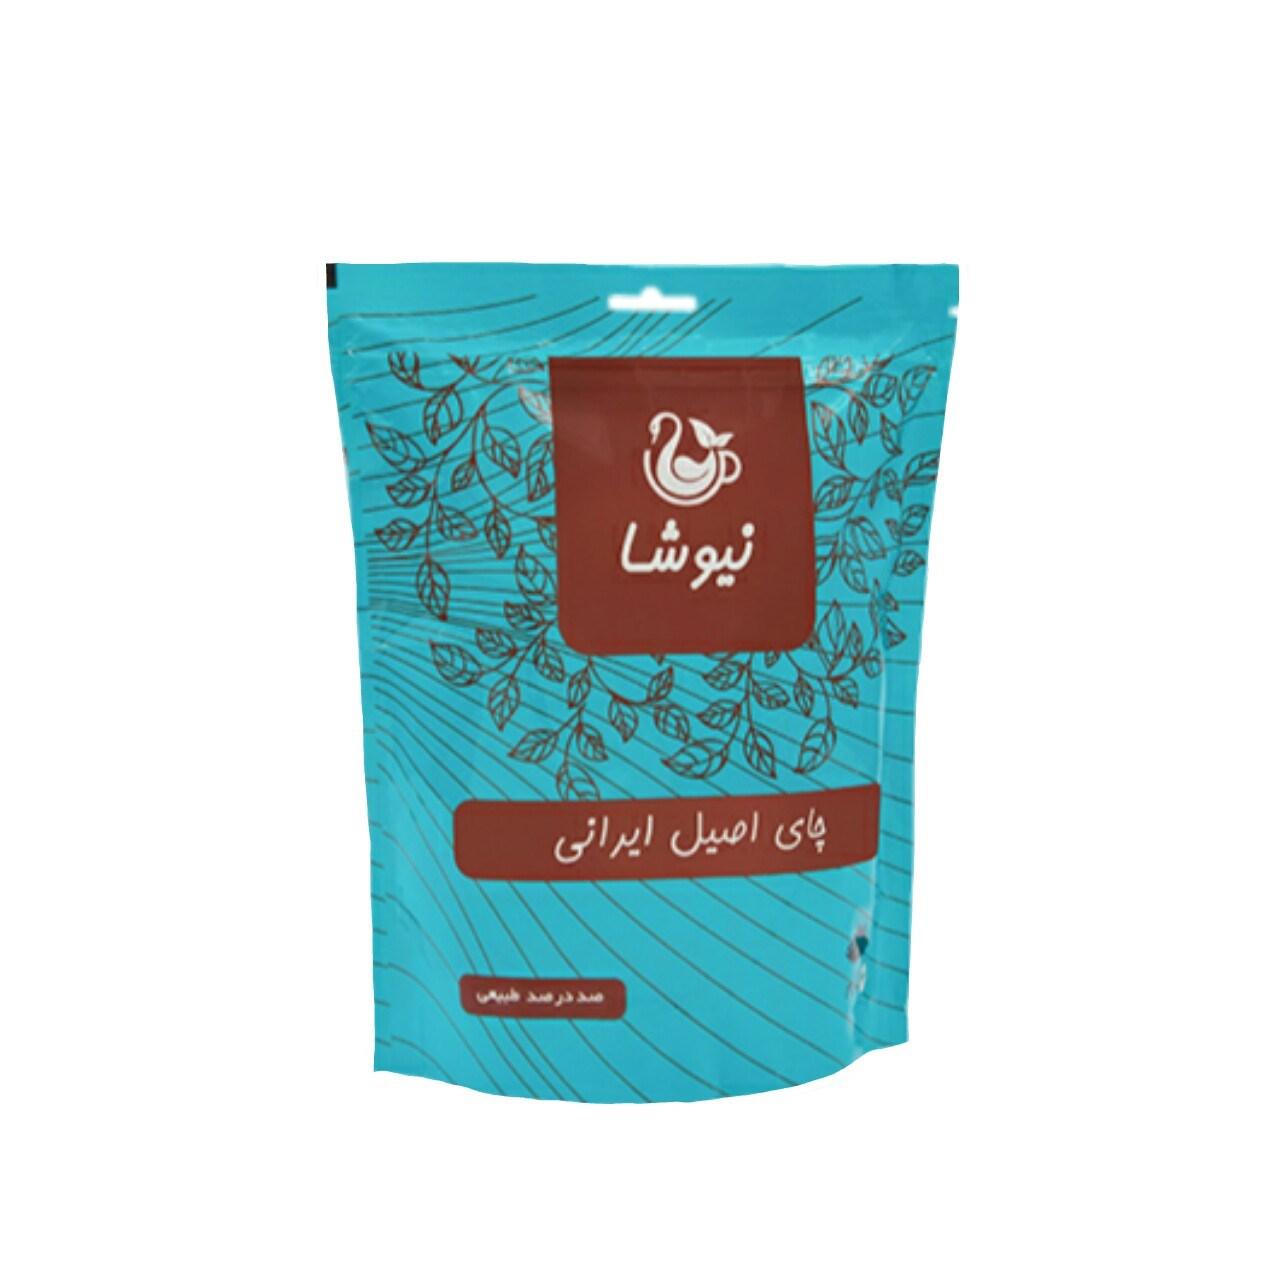 بسته چای اصیل ایرانی نیوشا مدل Original Iranian Tea